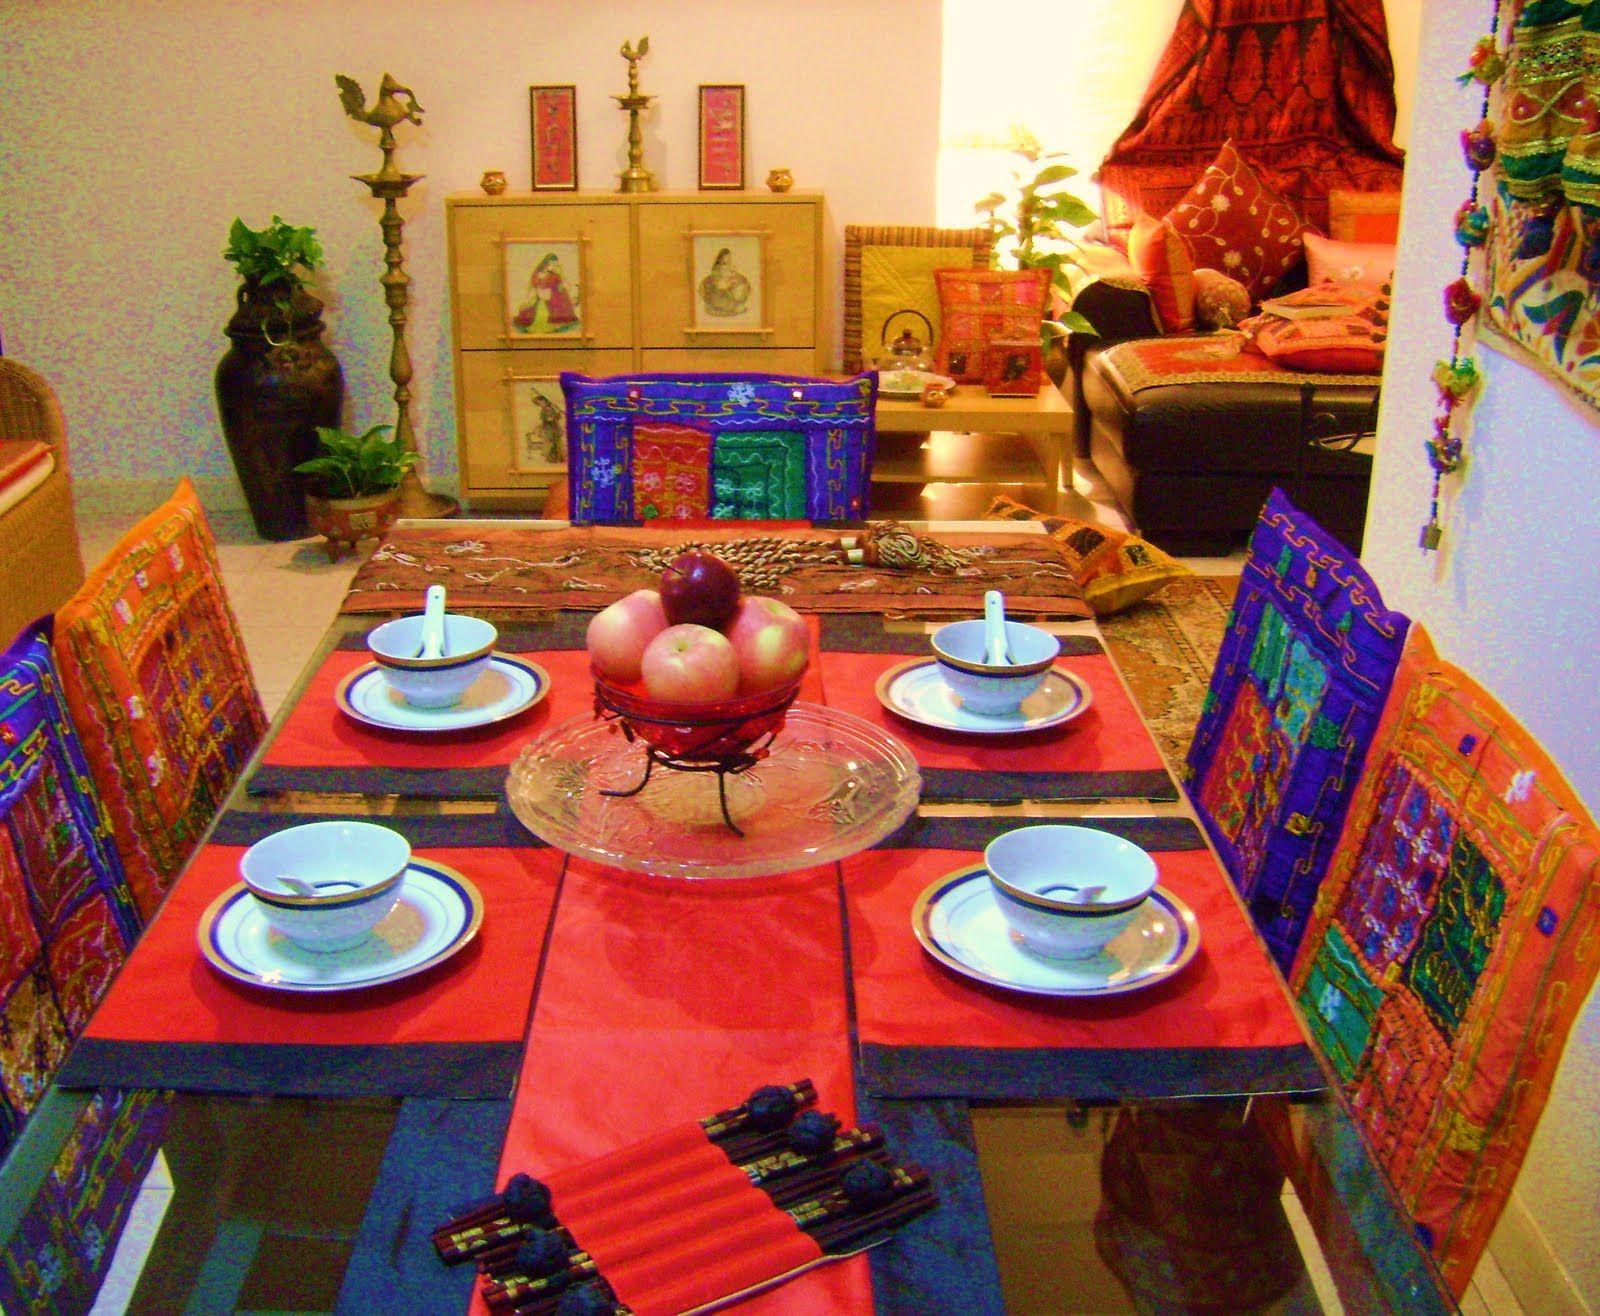 Indian Home Decor Design Ideas Indian Home Decor India Home